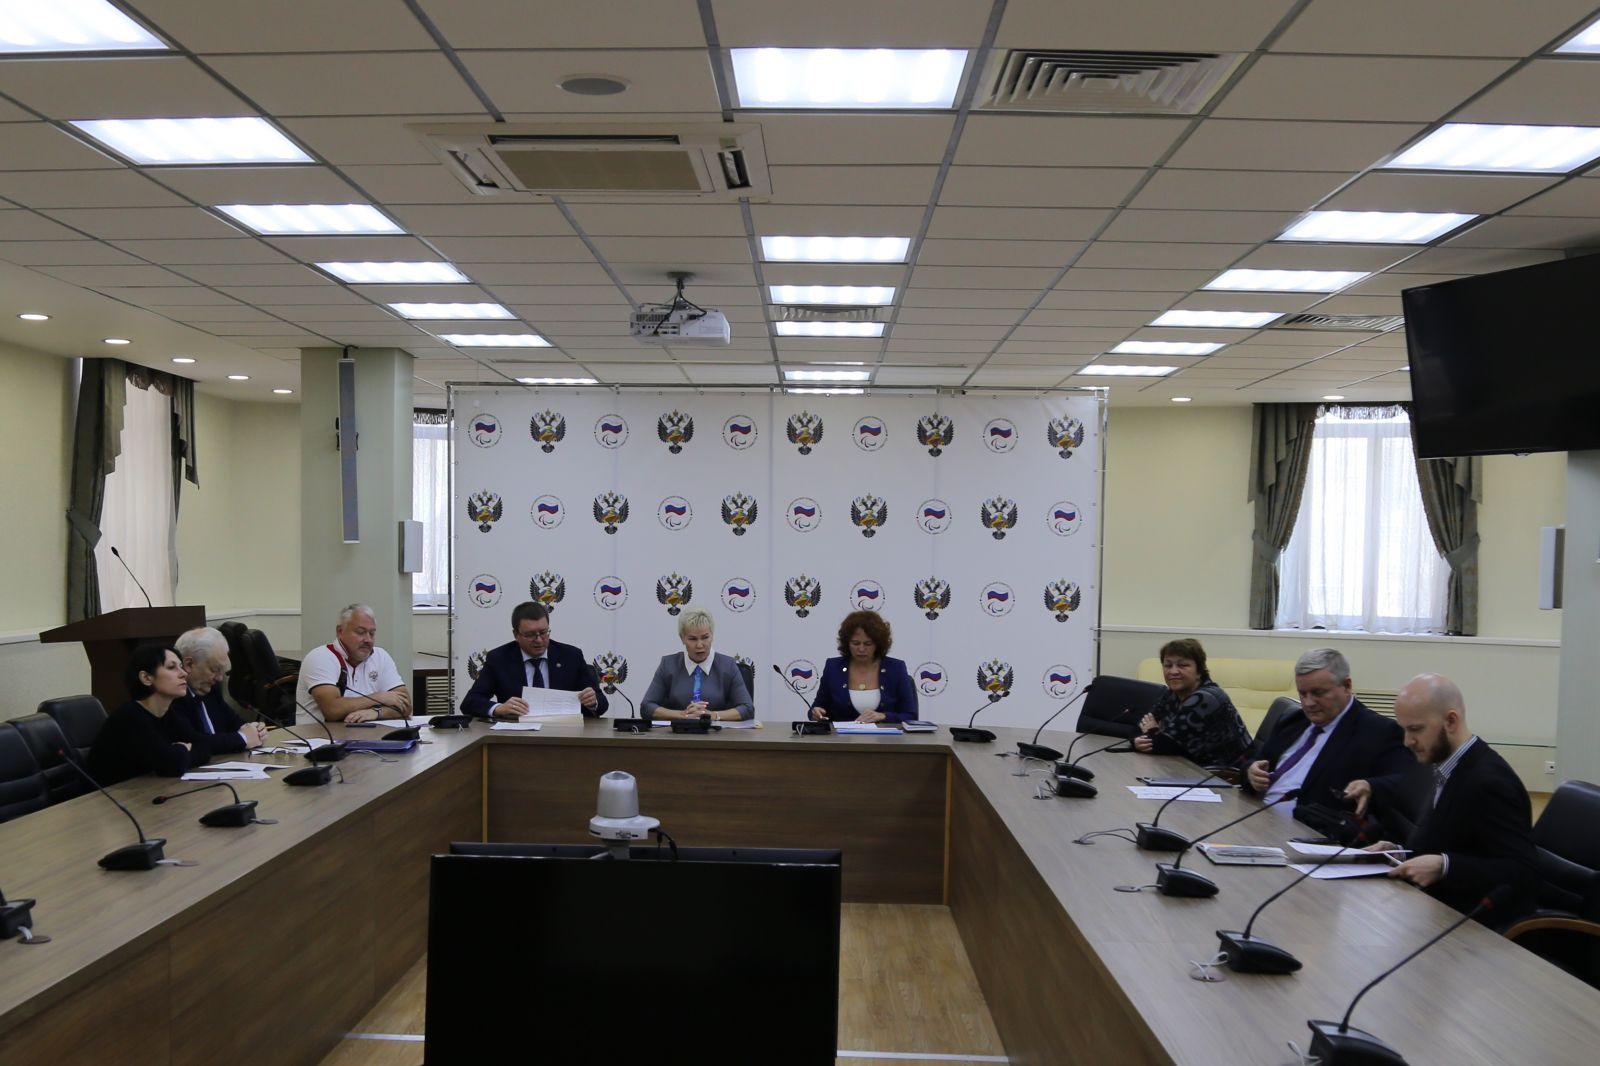 Р.А. Баталова в офисе ПКР провела заседание комиссии спортсменов ПКР